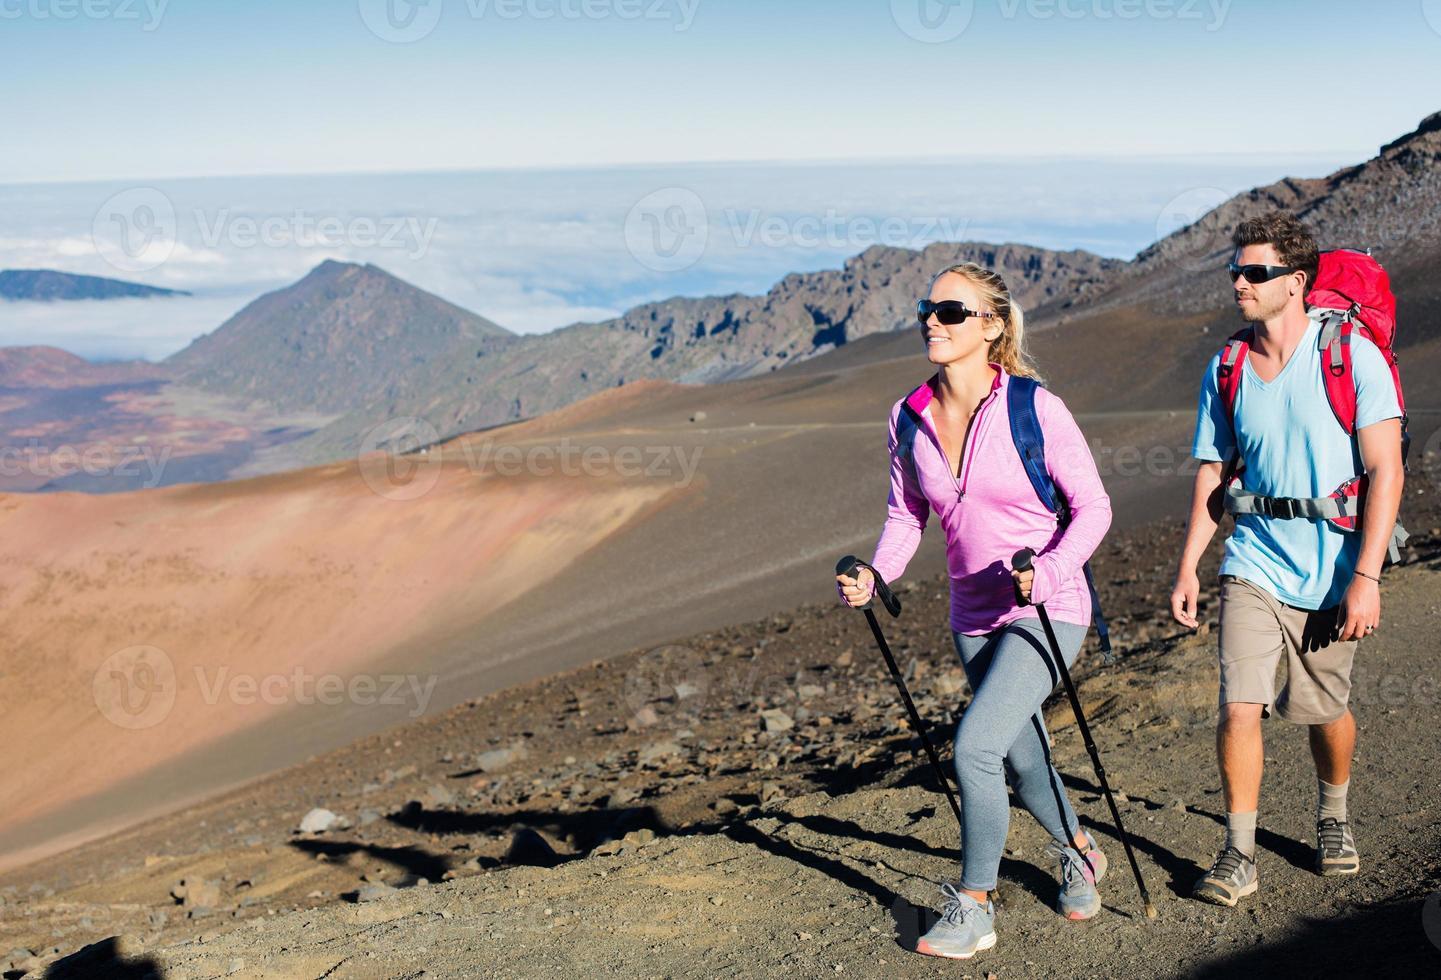 Mann und Frau wandern auf schönem Bergweg foto